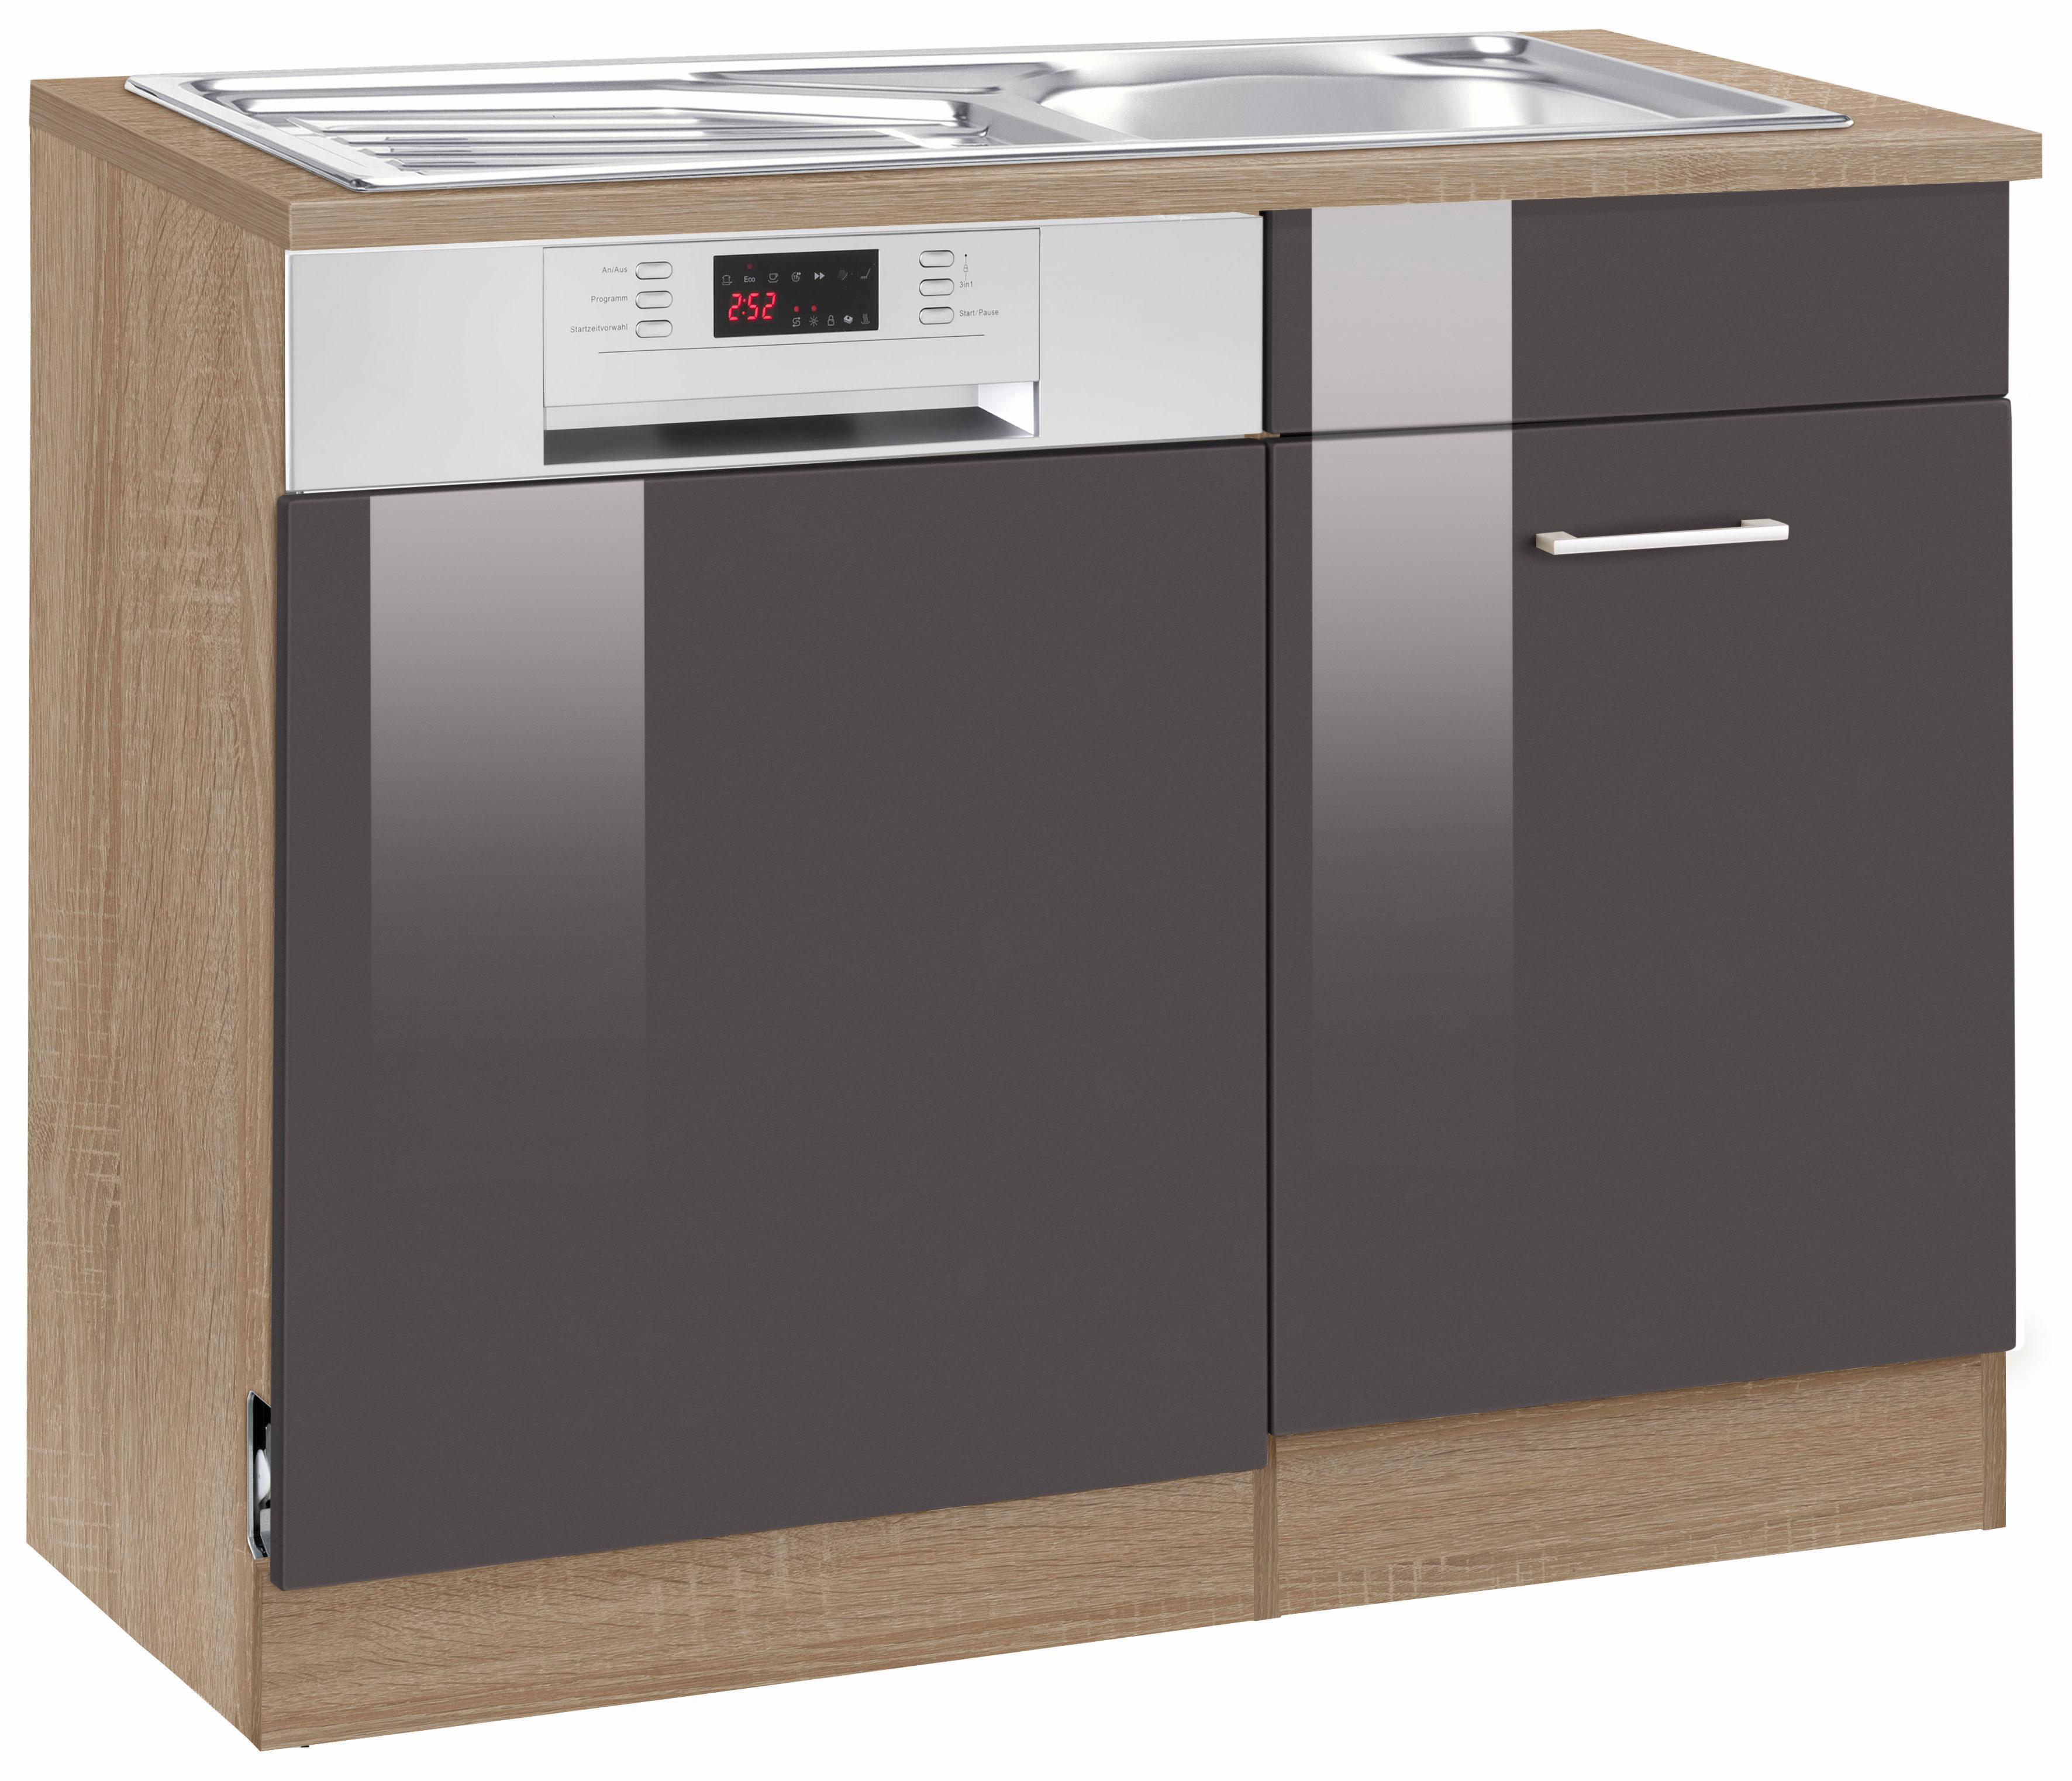 HELD MÖBEL Spülenschrank Graz Breite 110 cm mit Tür/Sockel für Geschirrspüler | Küche und Esszimmer > Küchenschränke > Spülenschränke | Grau | Held Möbel